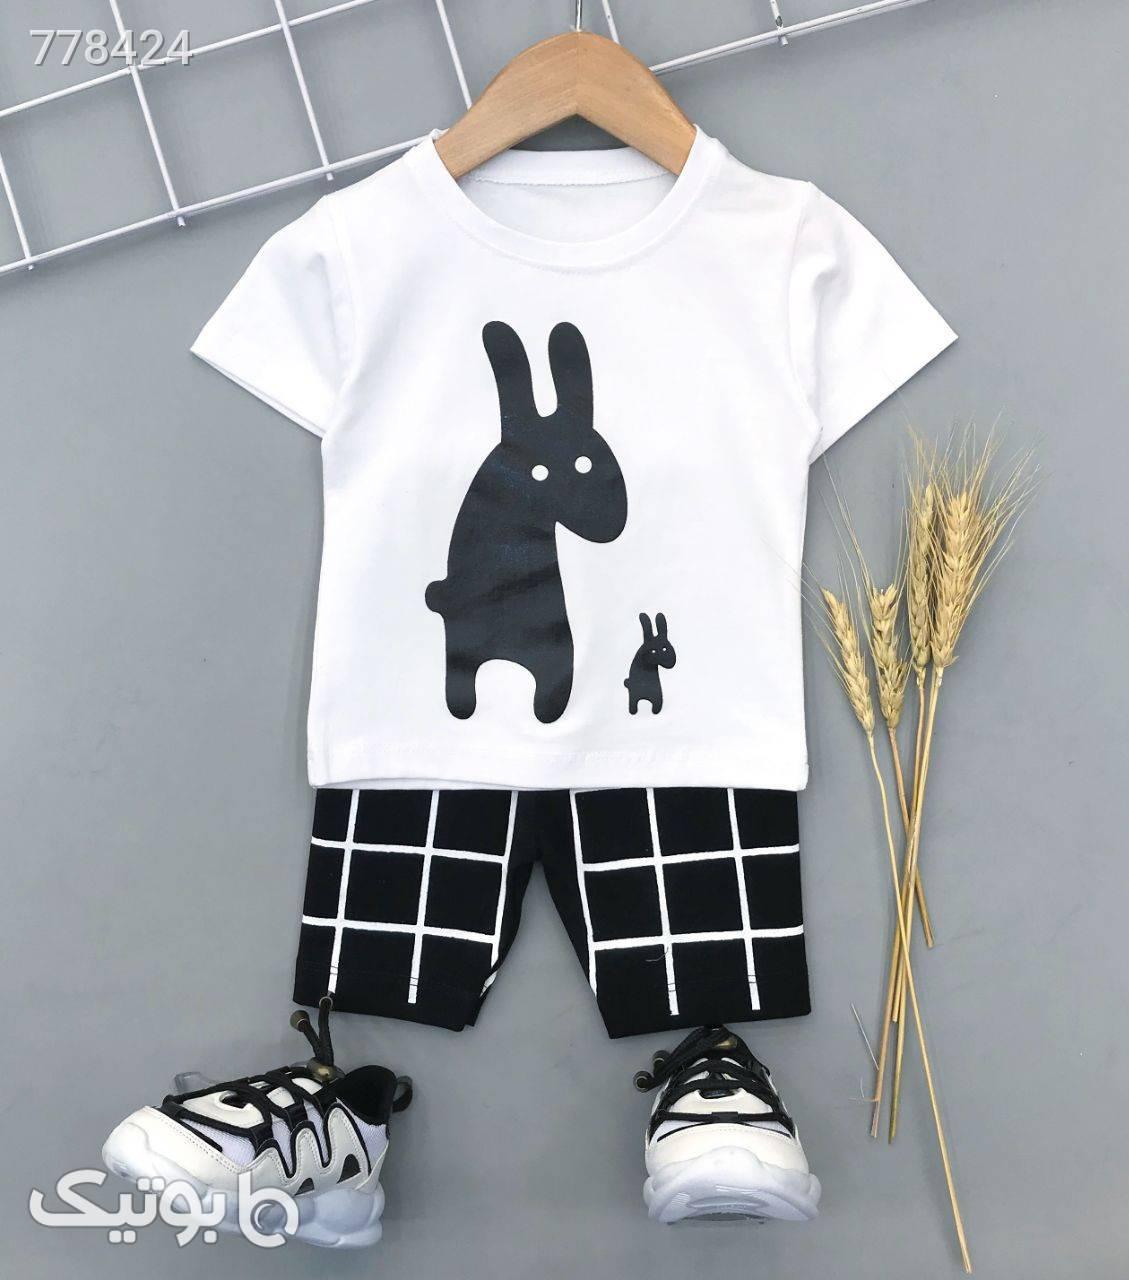 بلوز شلوارک الاغ خسته پسرانه جدید  مشکی لباس کودک پسرانه